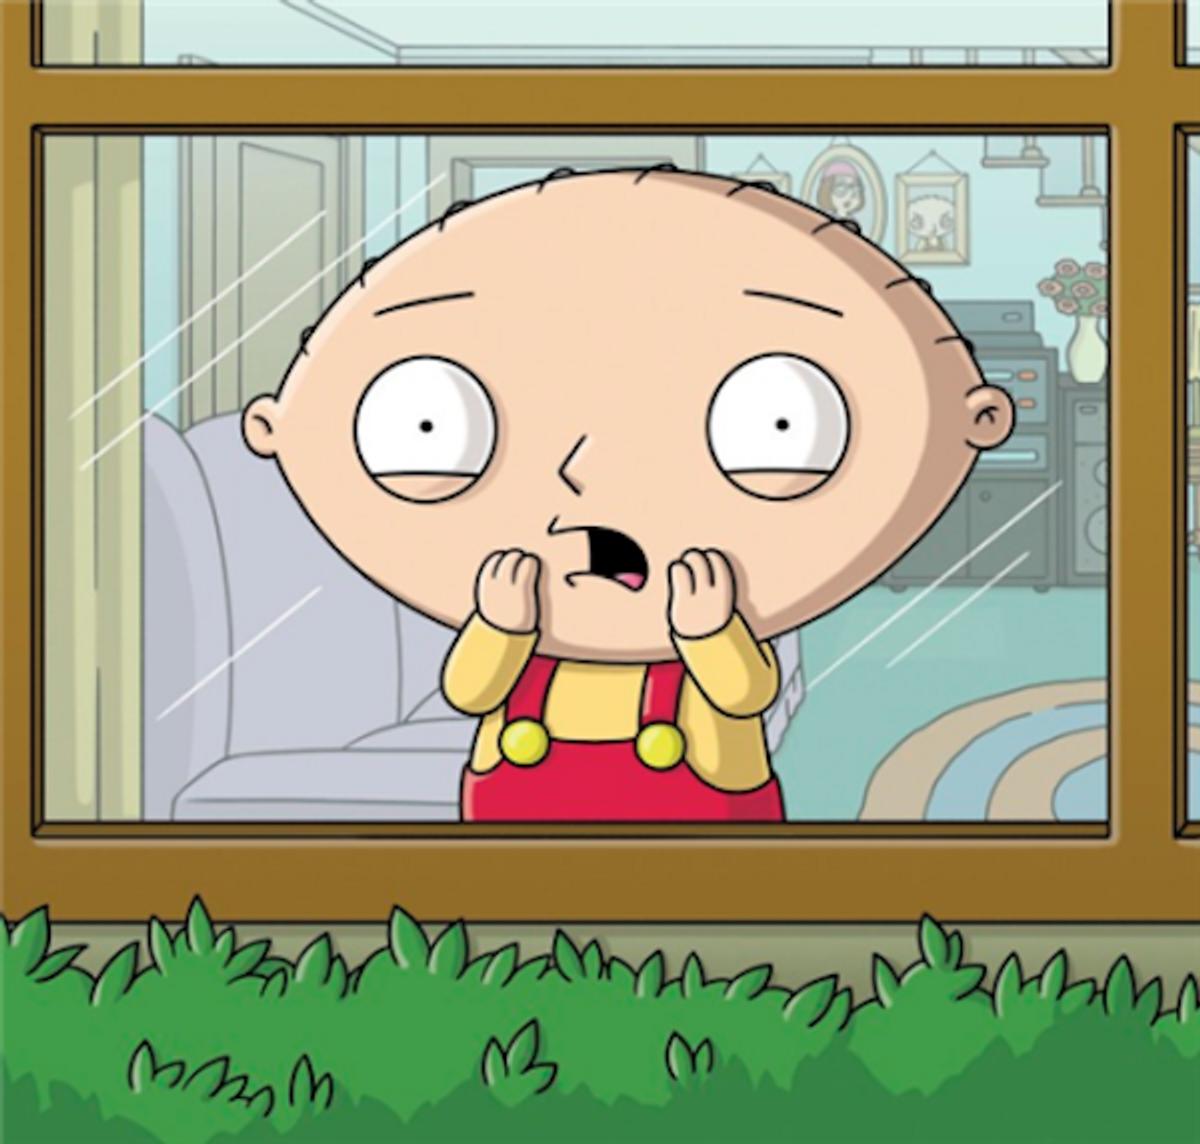 Stewie Griffin, status symbol.